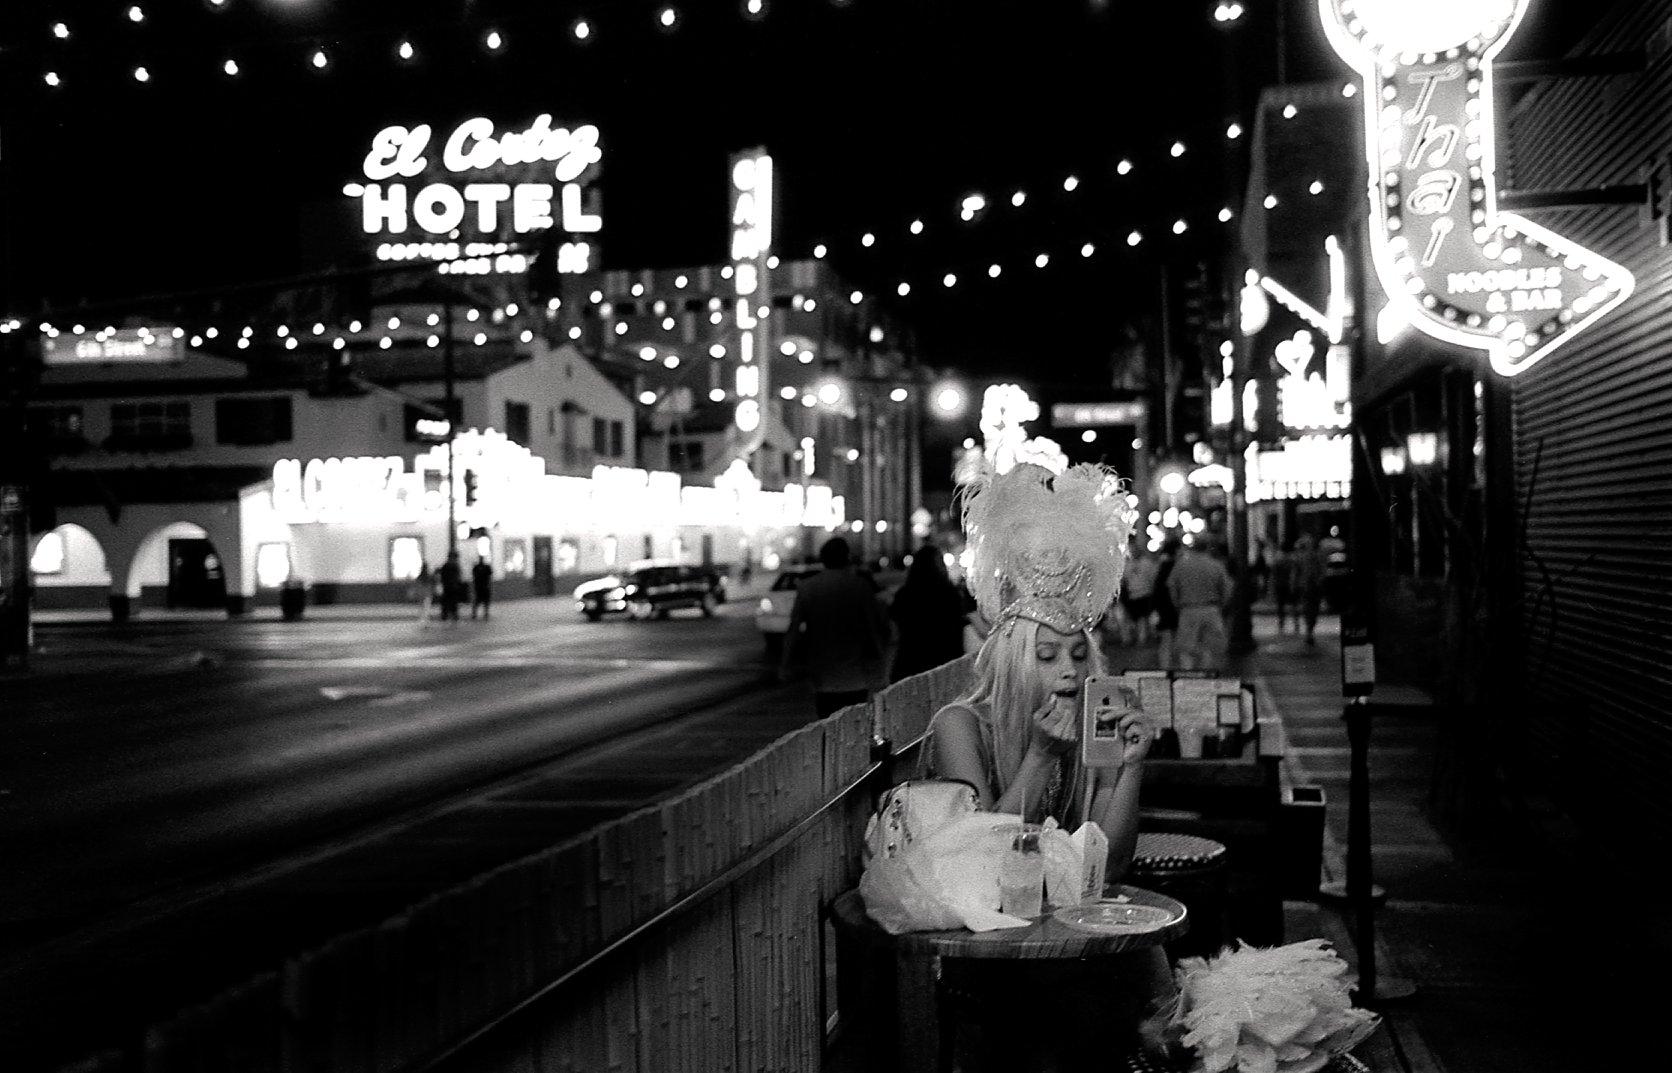 Downtown Vegas (2018) - Rafael Fernández Álvarez - Rafa Fernández